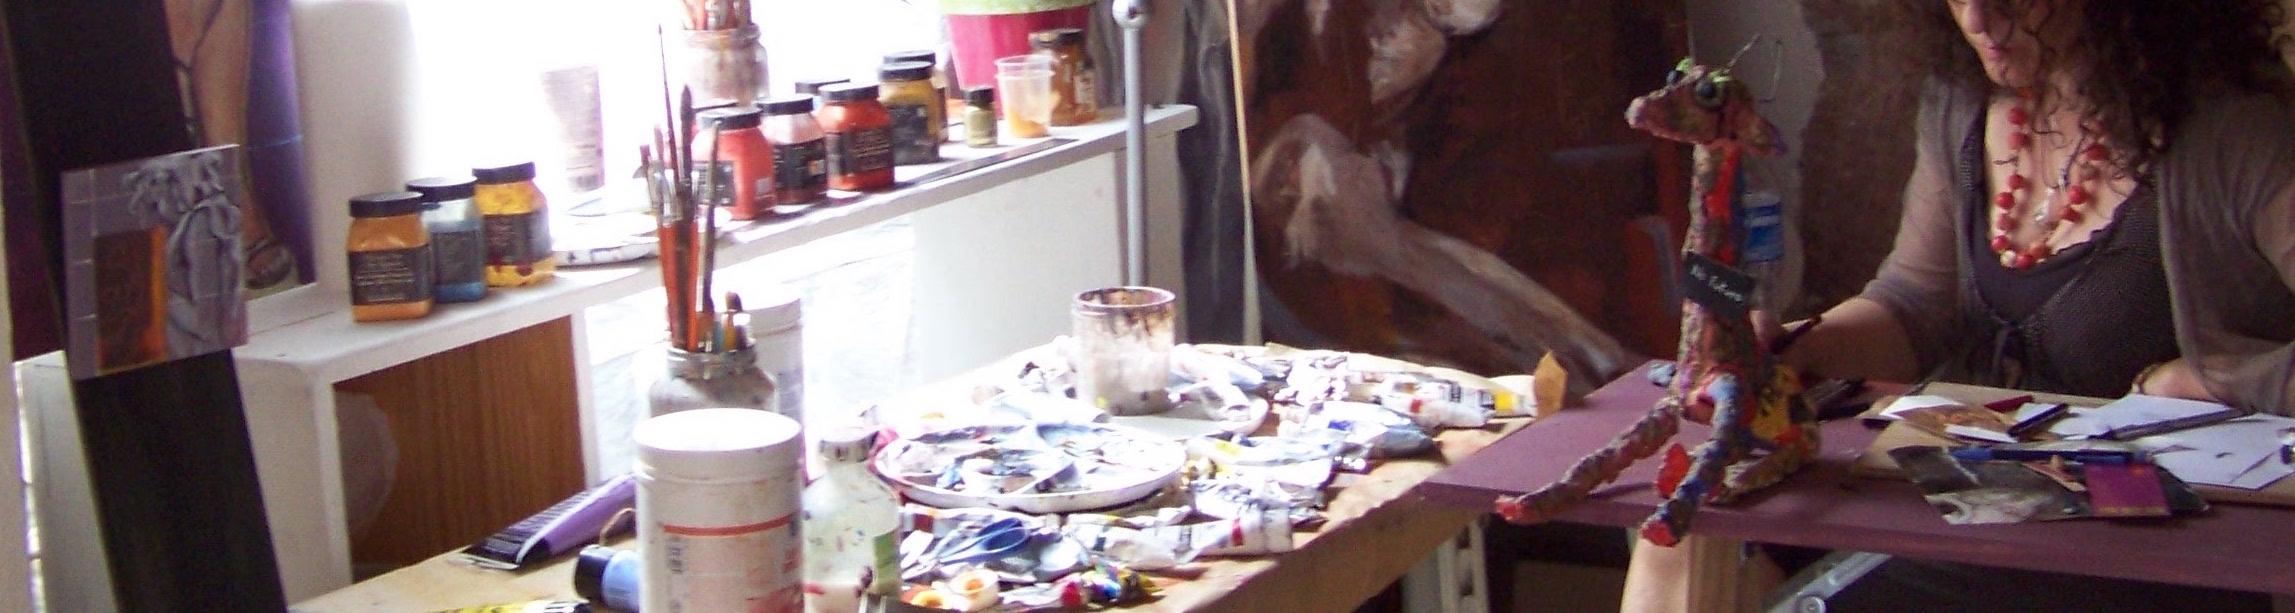 atelier-tubes-peinture-manuelajoé